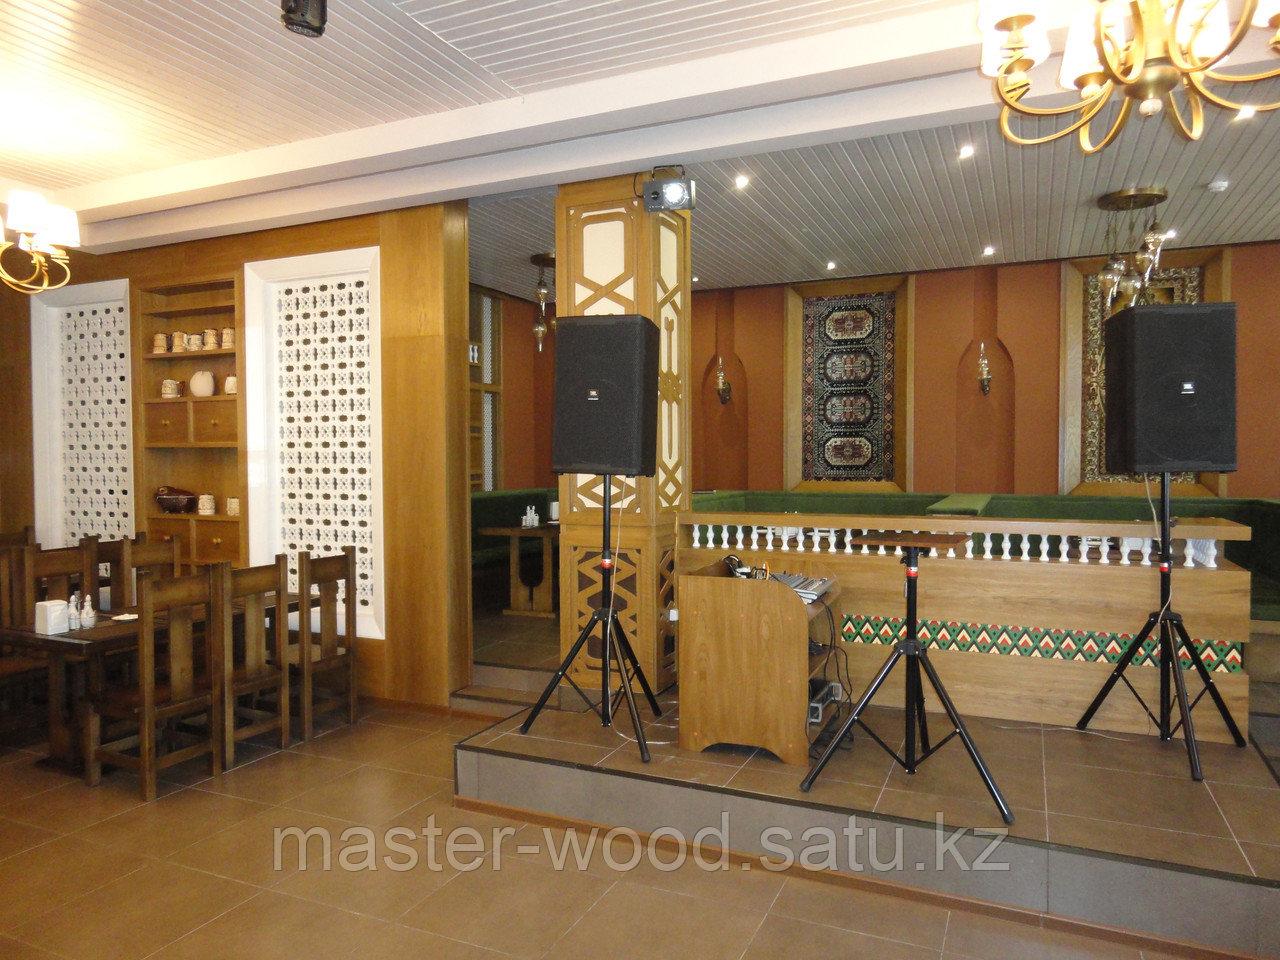 Ремонт и отделка ресторанов, кафе, баров, бань, домов, квартир - фото 1